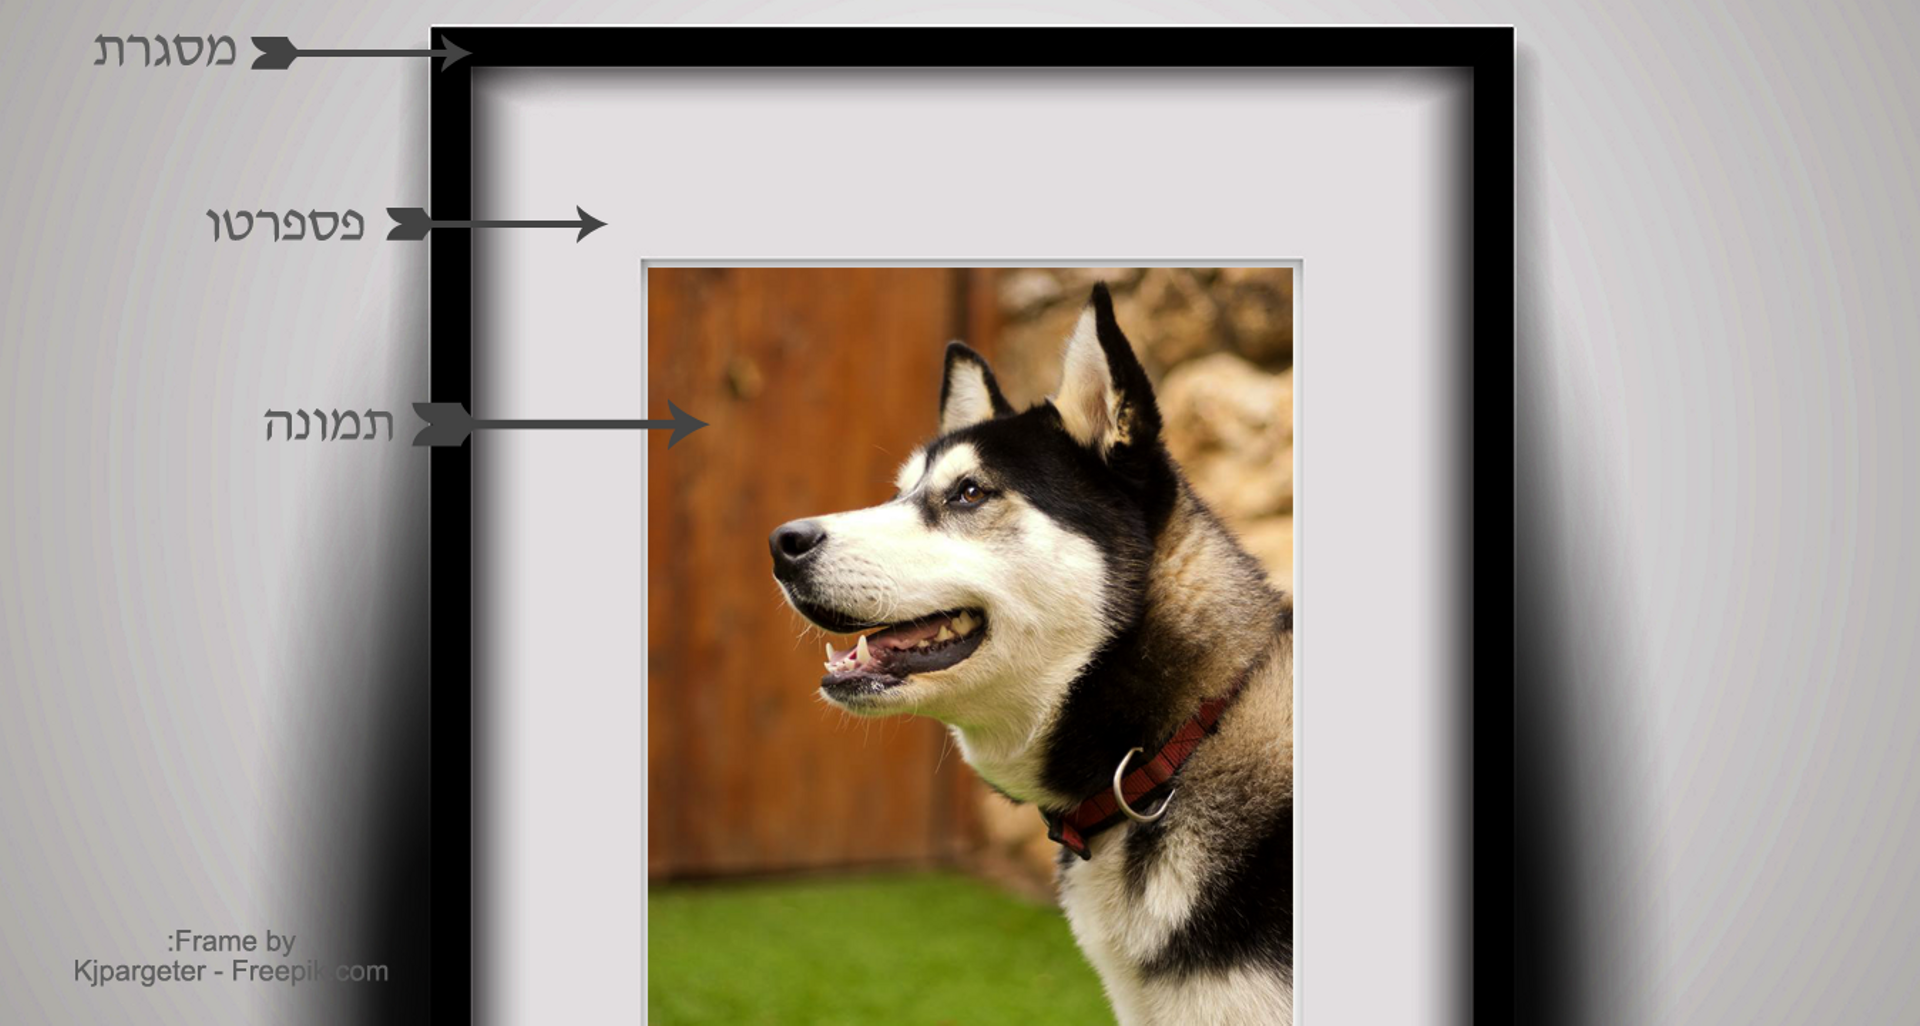 =מסגרת תמונה איכותית דגם FR9242, כולל הדפסת תמונה.